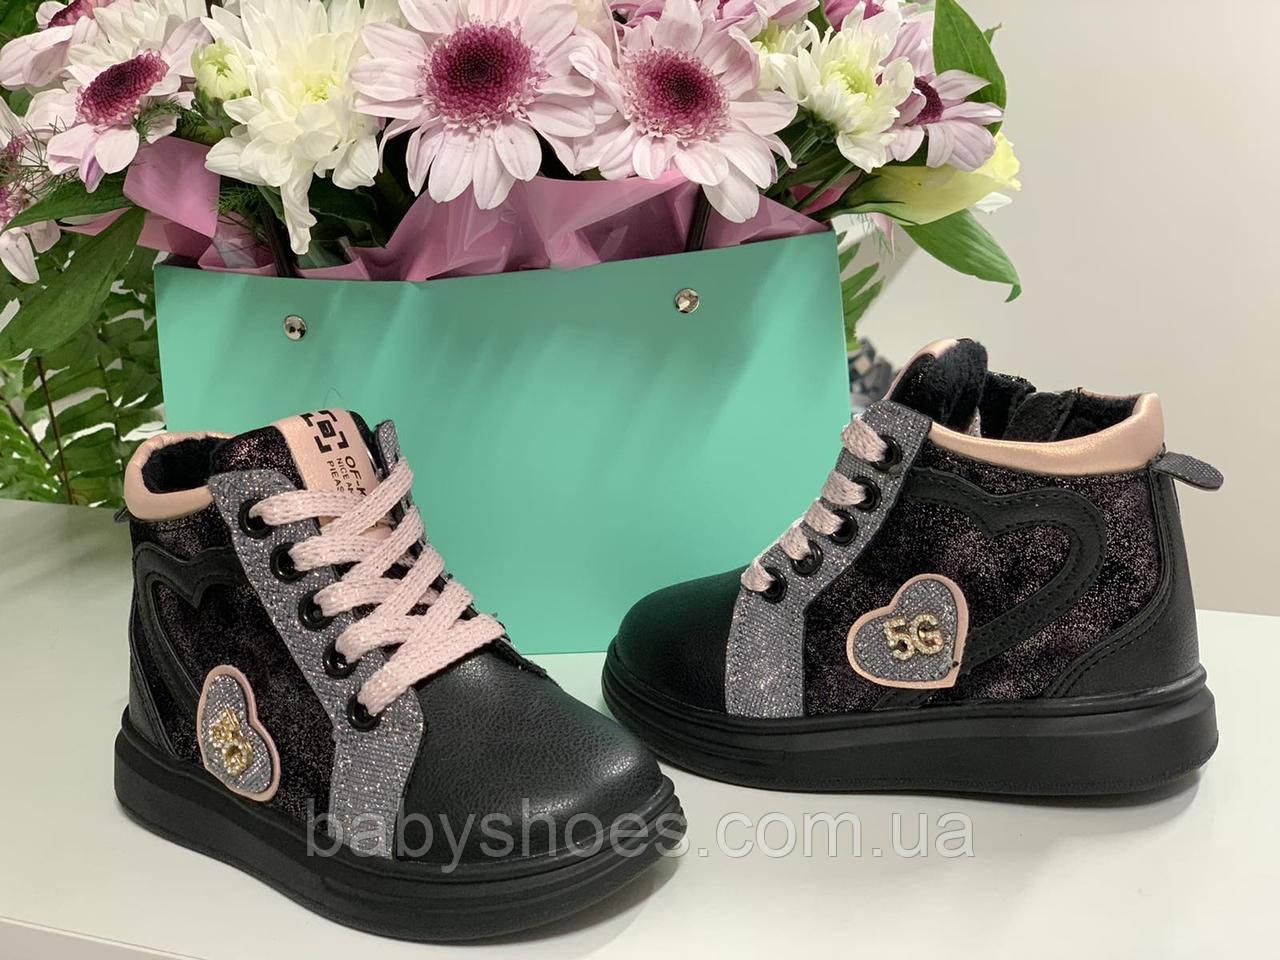 Демисезонные ботинки для девочки,Jong Golf. р.29, ДД-265